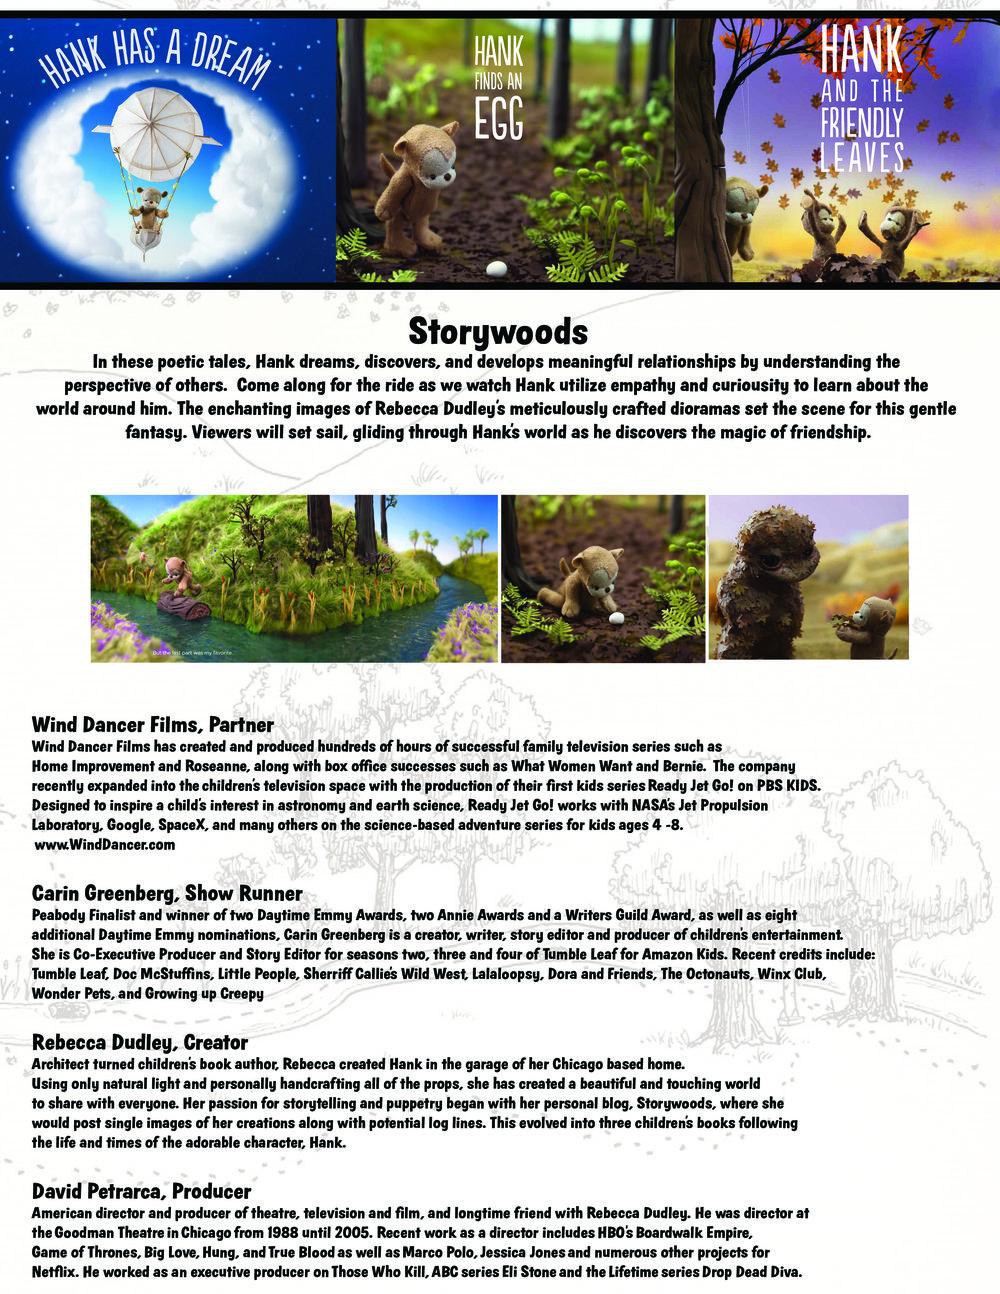 Storywoods_TopSheet_v002.jpg